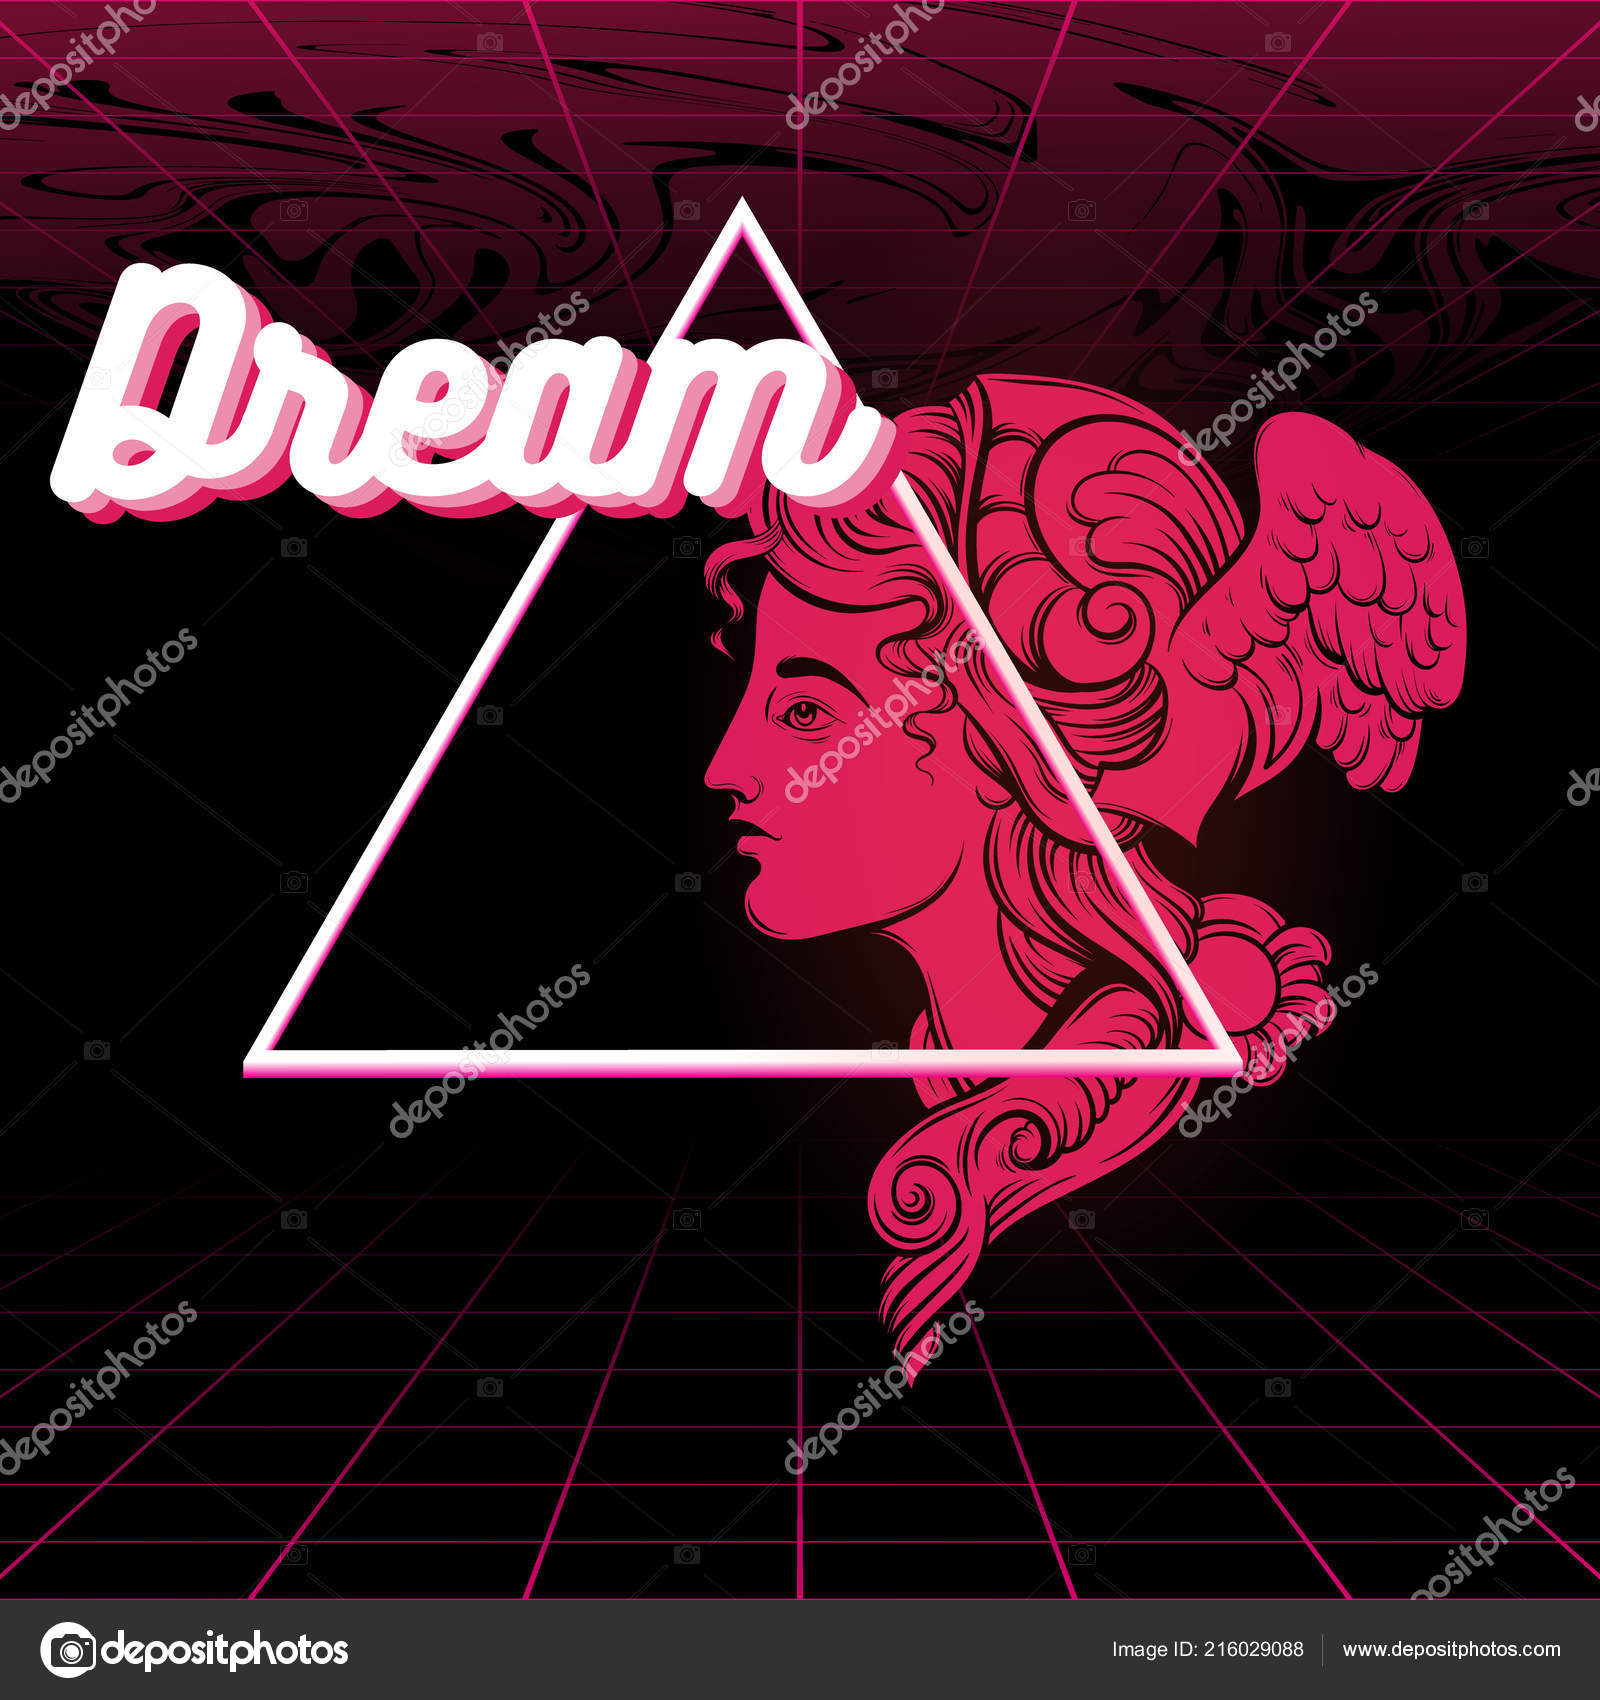 dream vector poster hand drawn illustration hermes vaporwave style